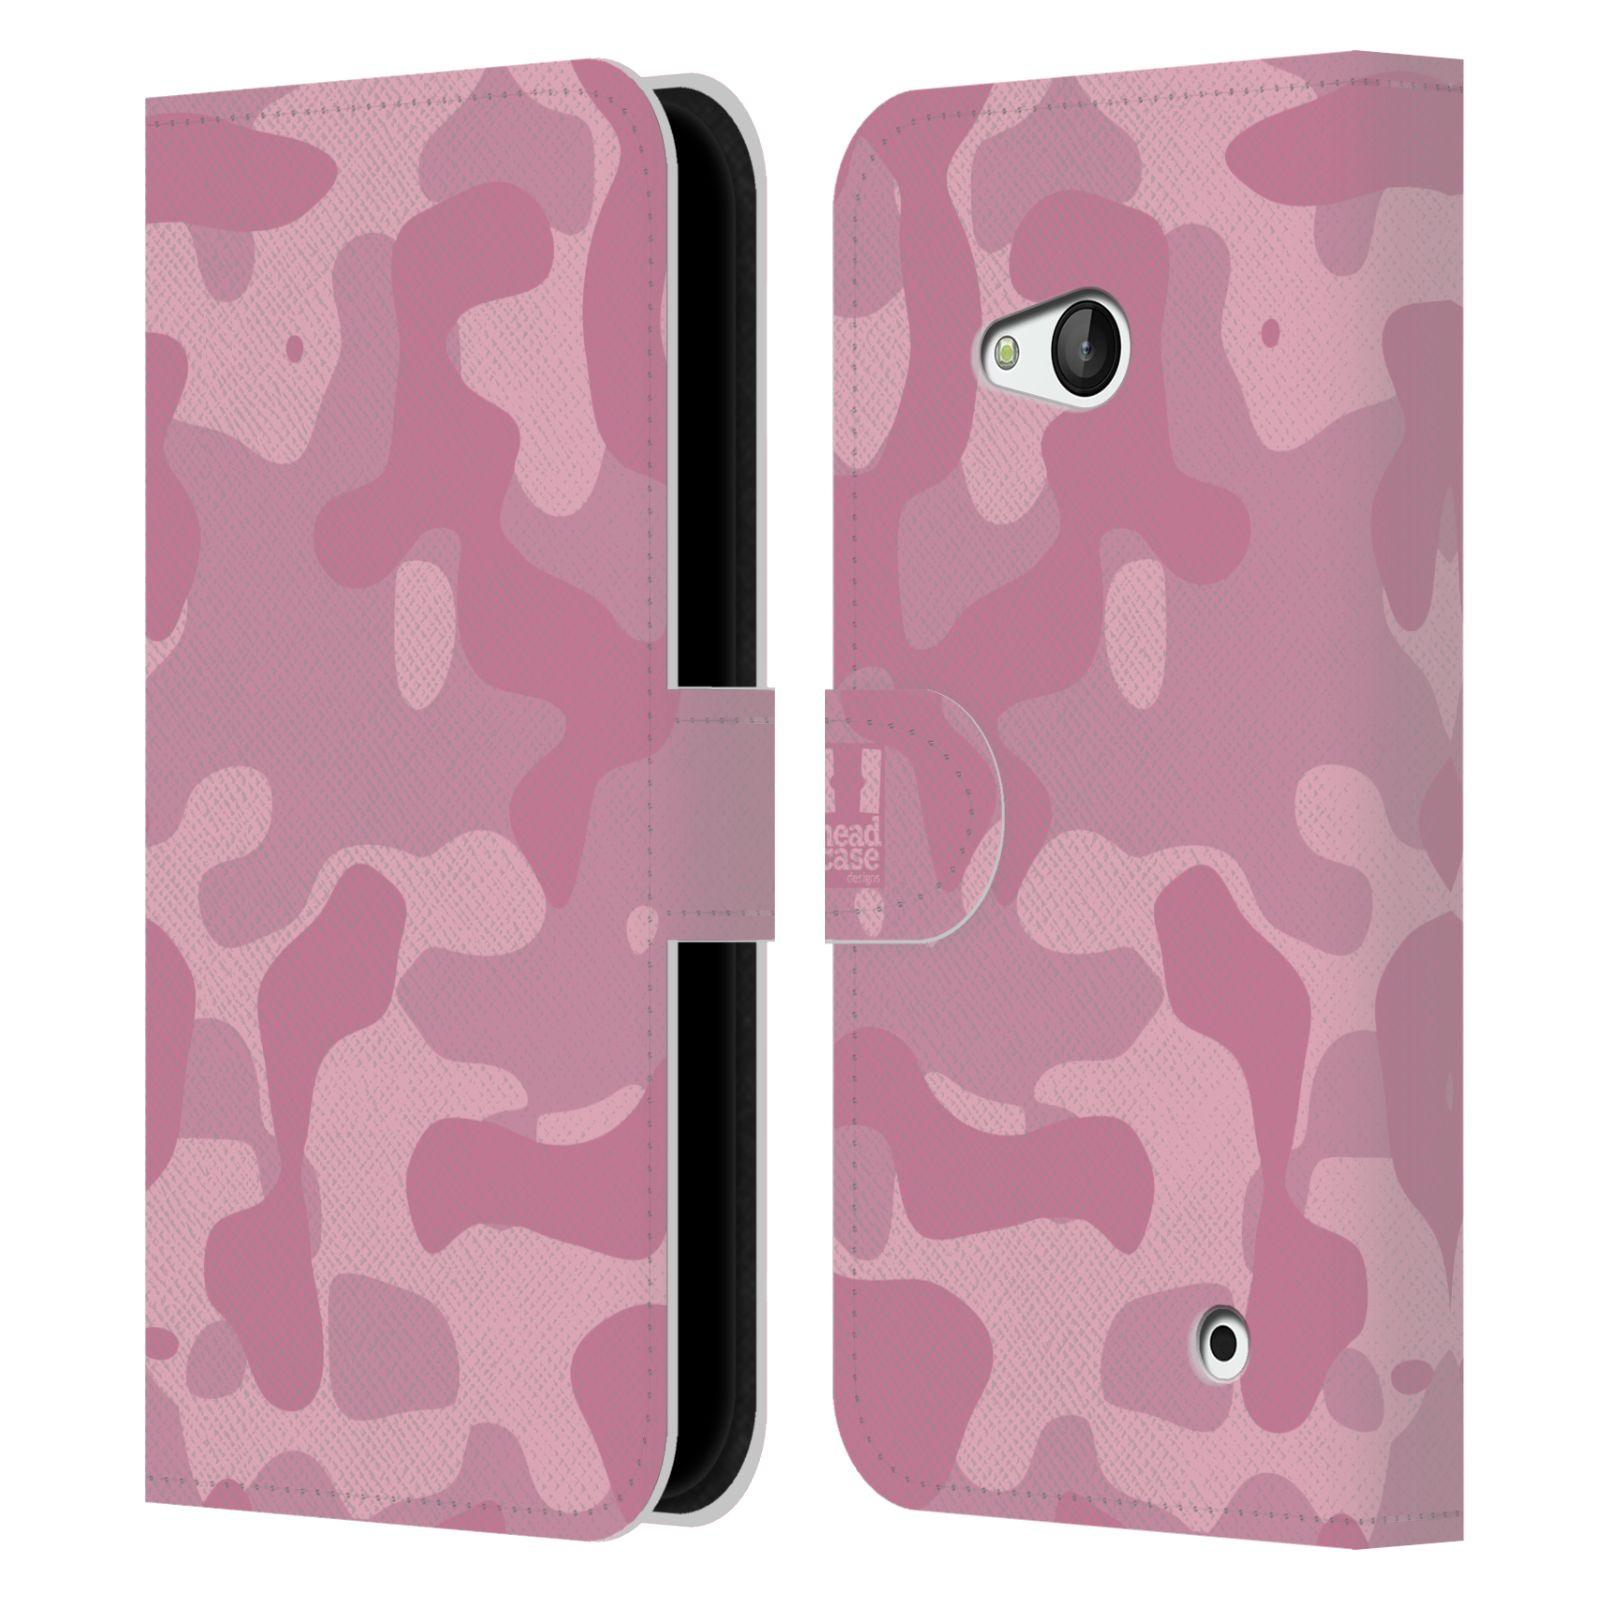 HEAD CASE Flipové pouzdro pro mobil NOKIA / MICROSOFT LUMIA 640 / LUMIA 640 DUAL lehká barevná kamufláž růžová